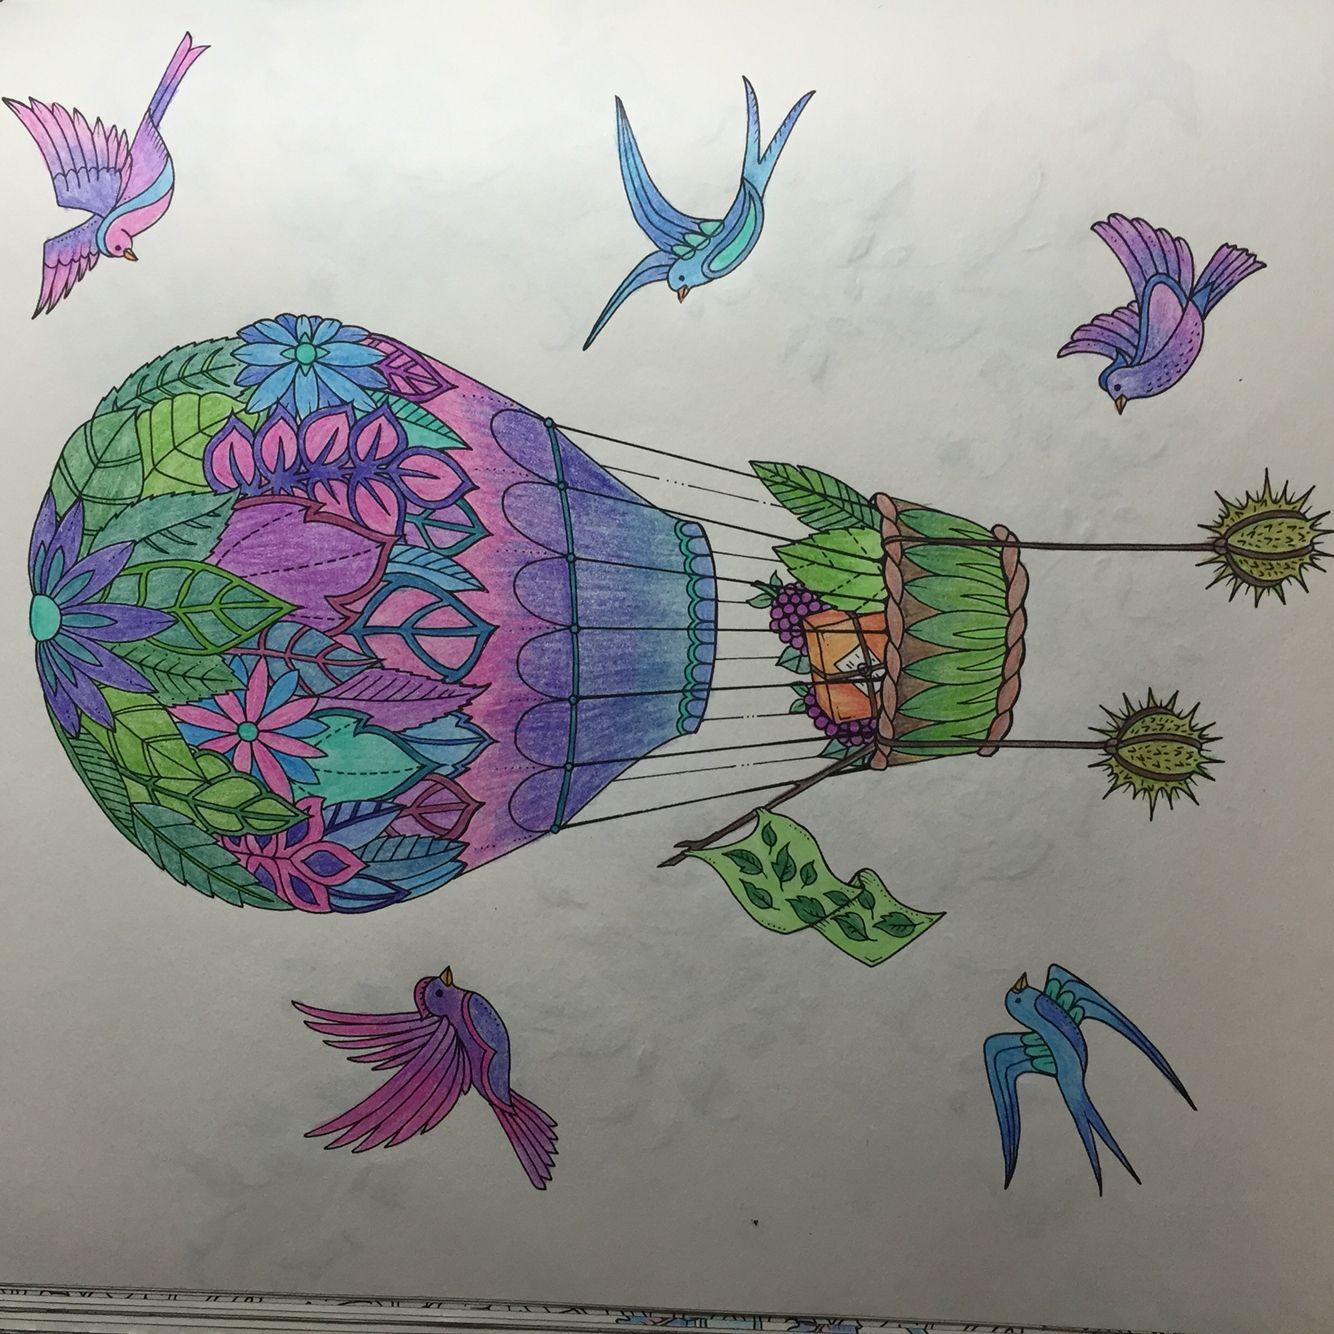 Voando com a imaginação!